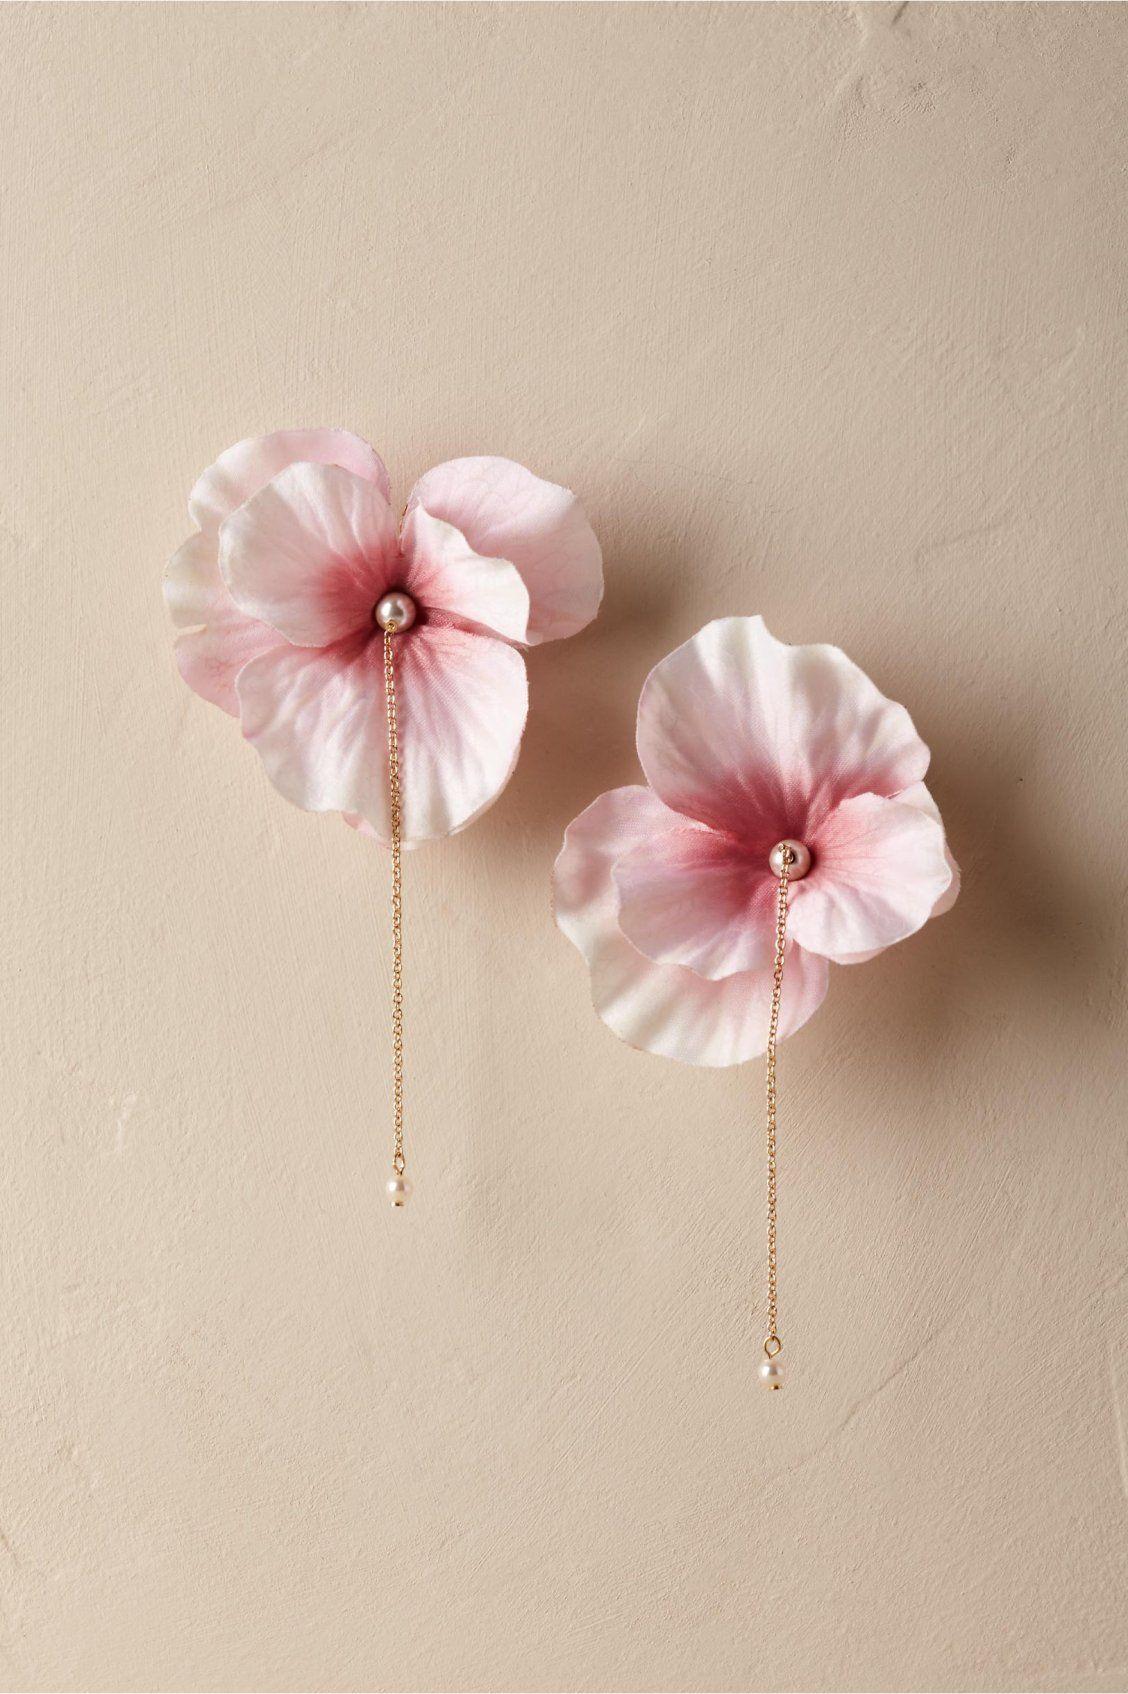 Blushing Cherry Blossom Earrings From Bhldn